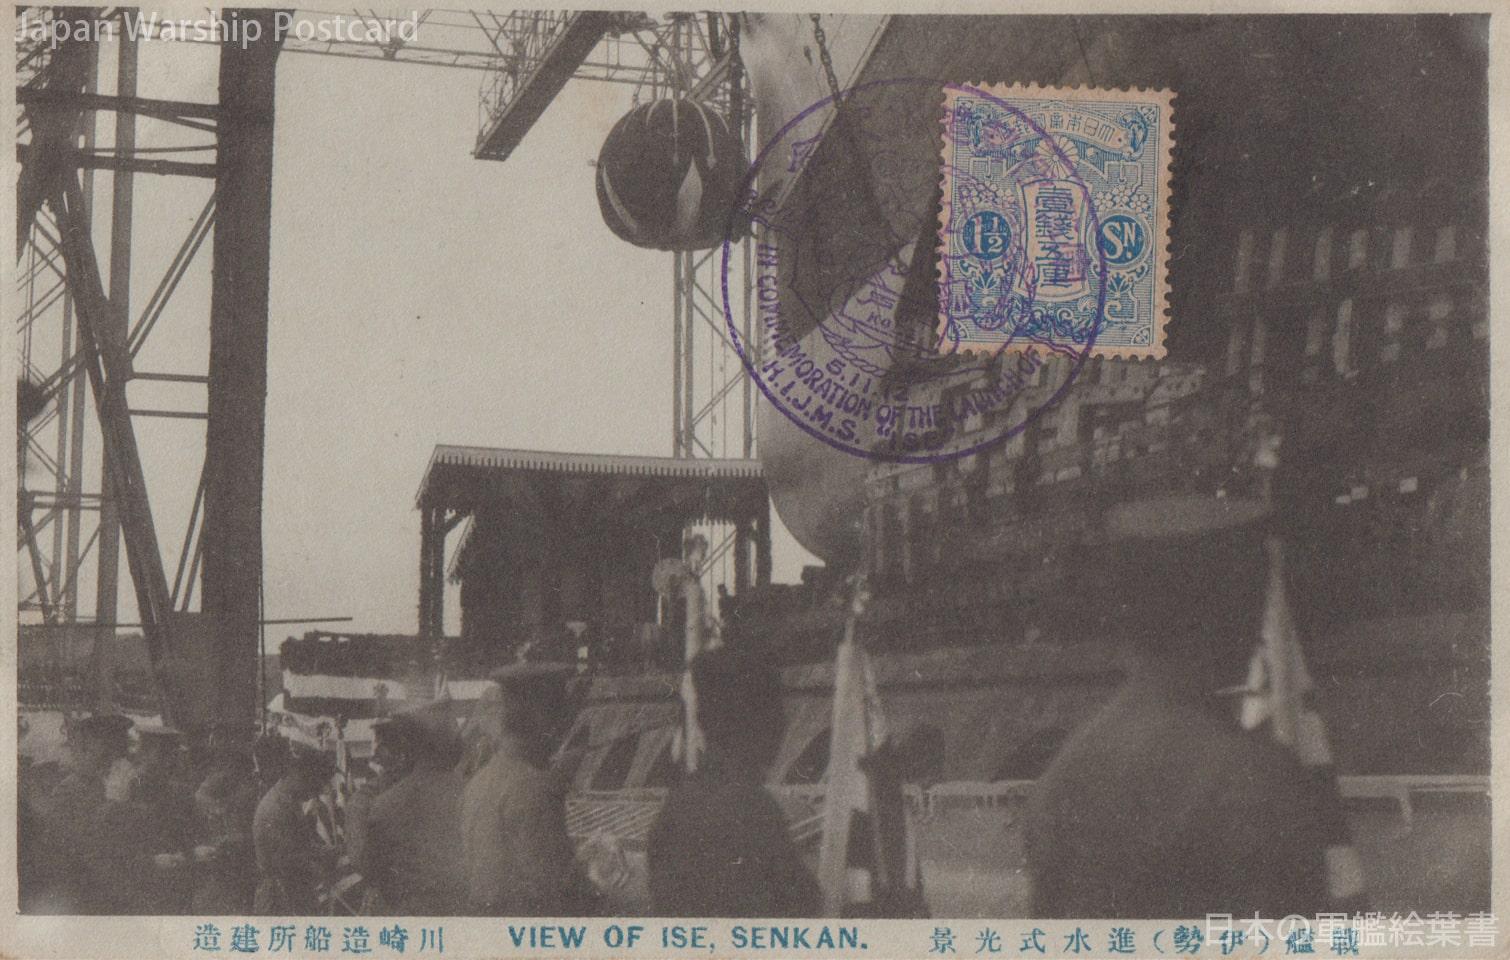 戦艦(伊勢)進水式光景 川崎造船所建造